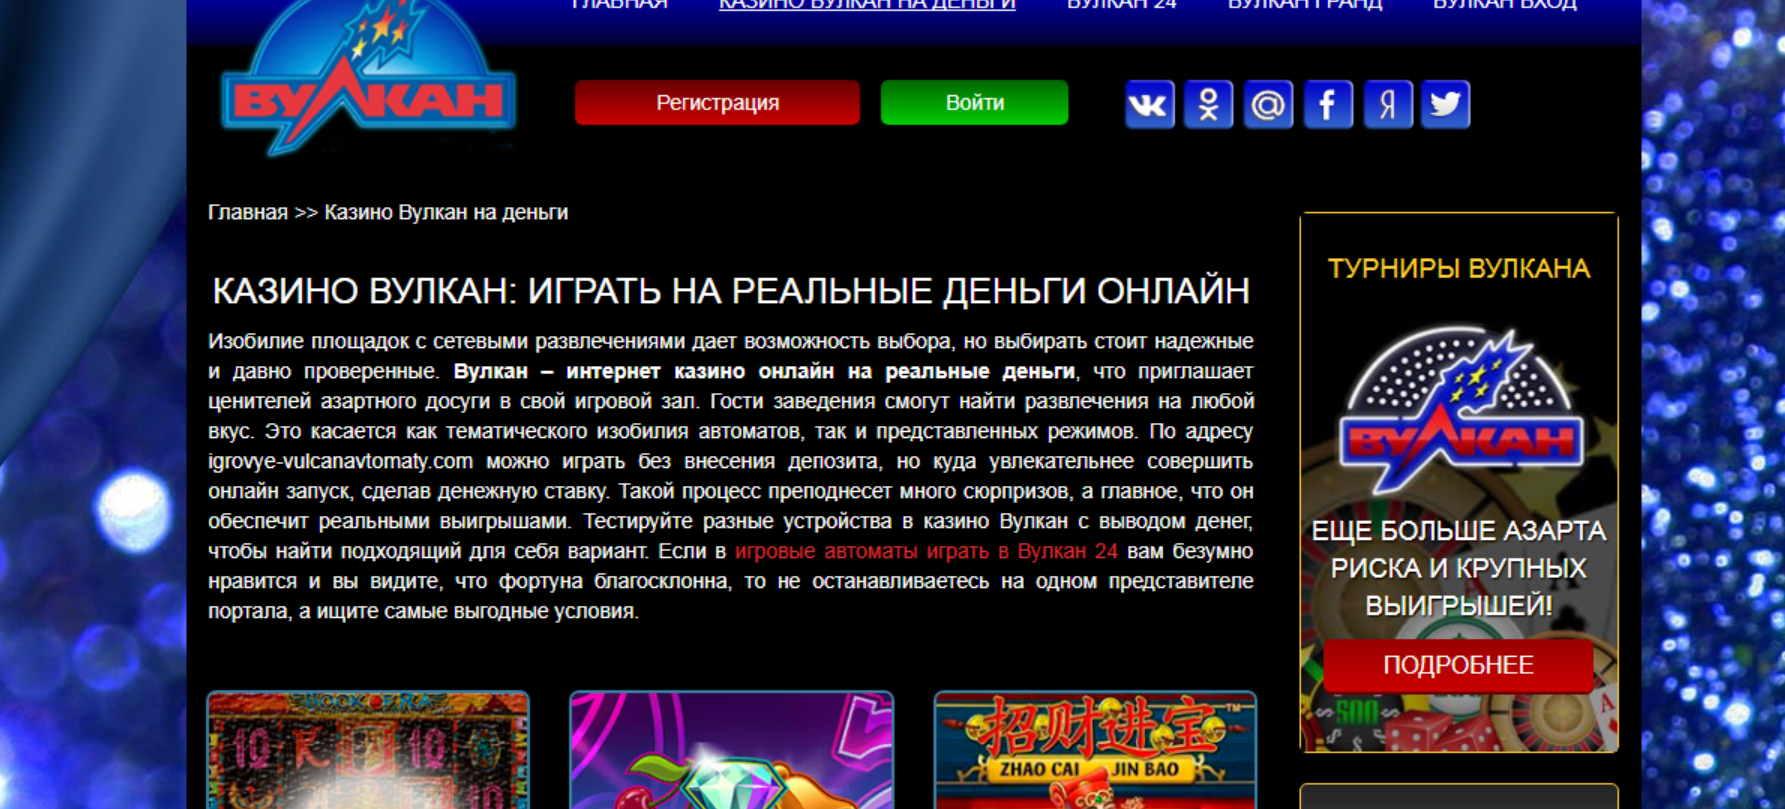 интернет клуб казино вулкан